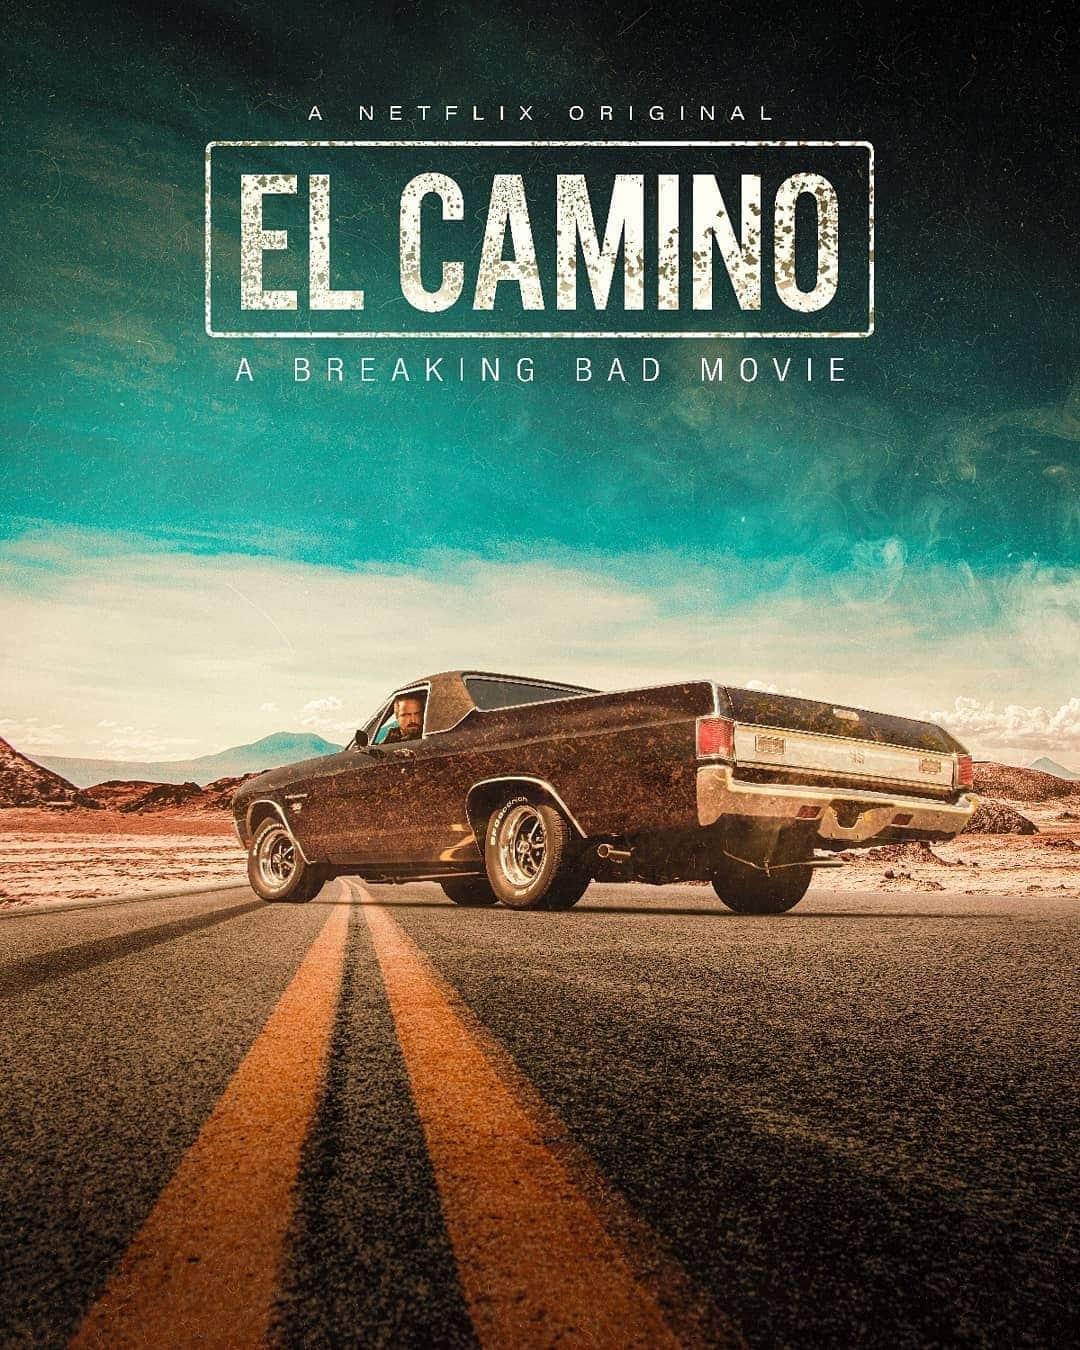 """¿Cuándo podré ver """"El Camino: una película de Breaking Bad"""" en Netflix?"""